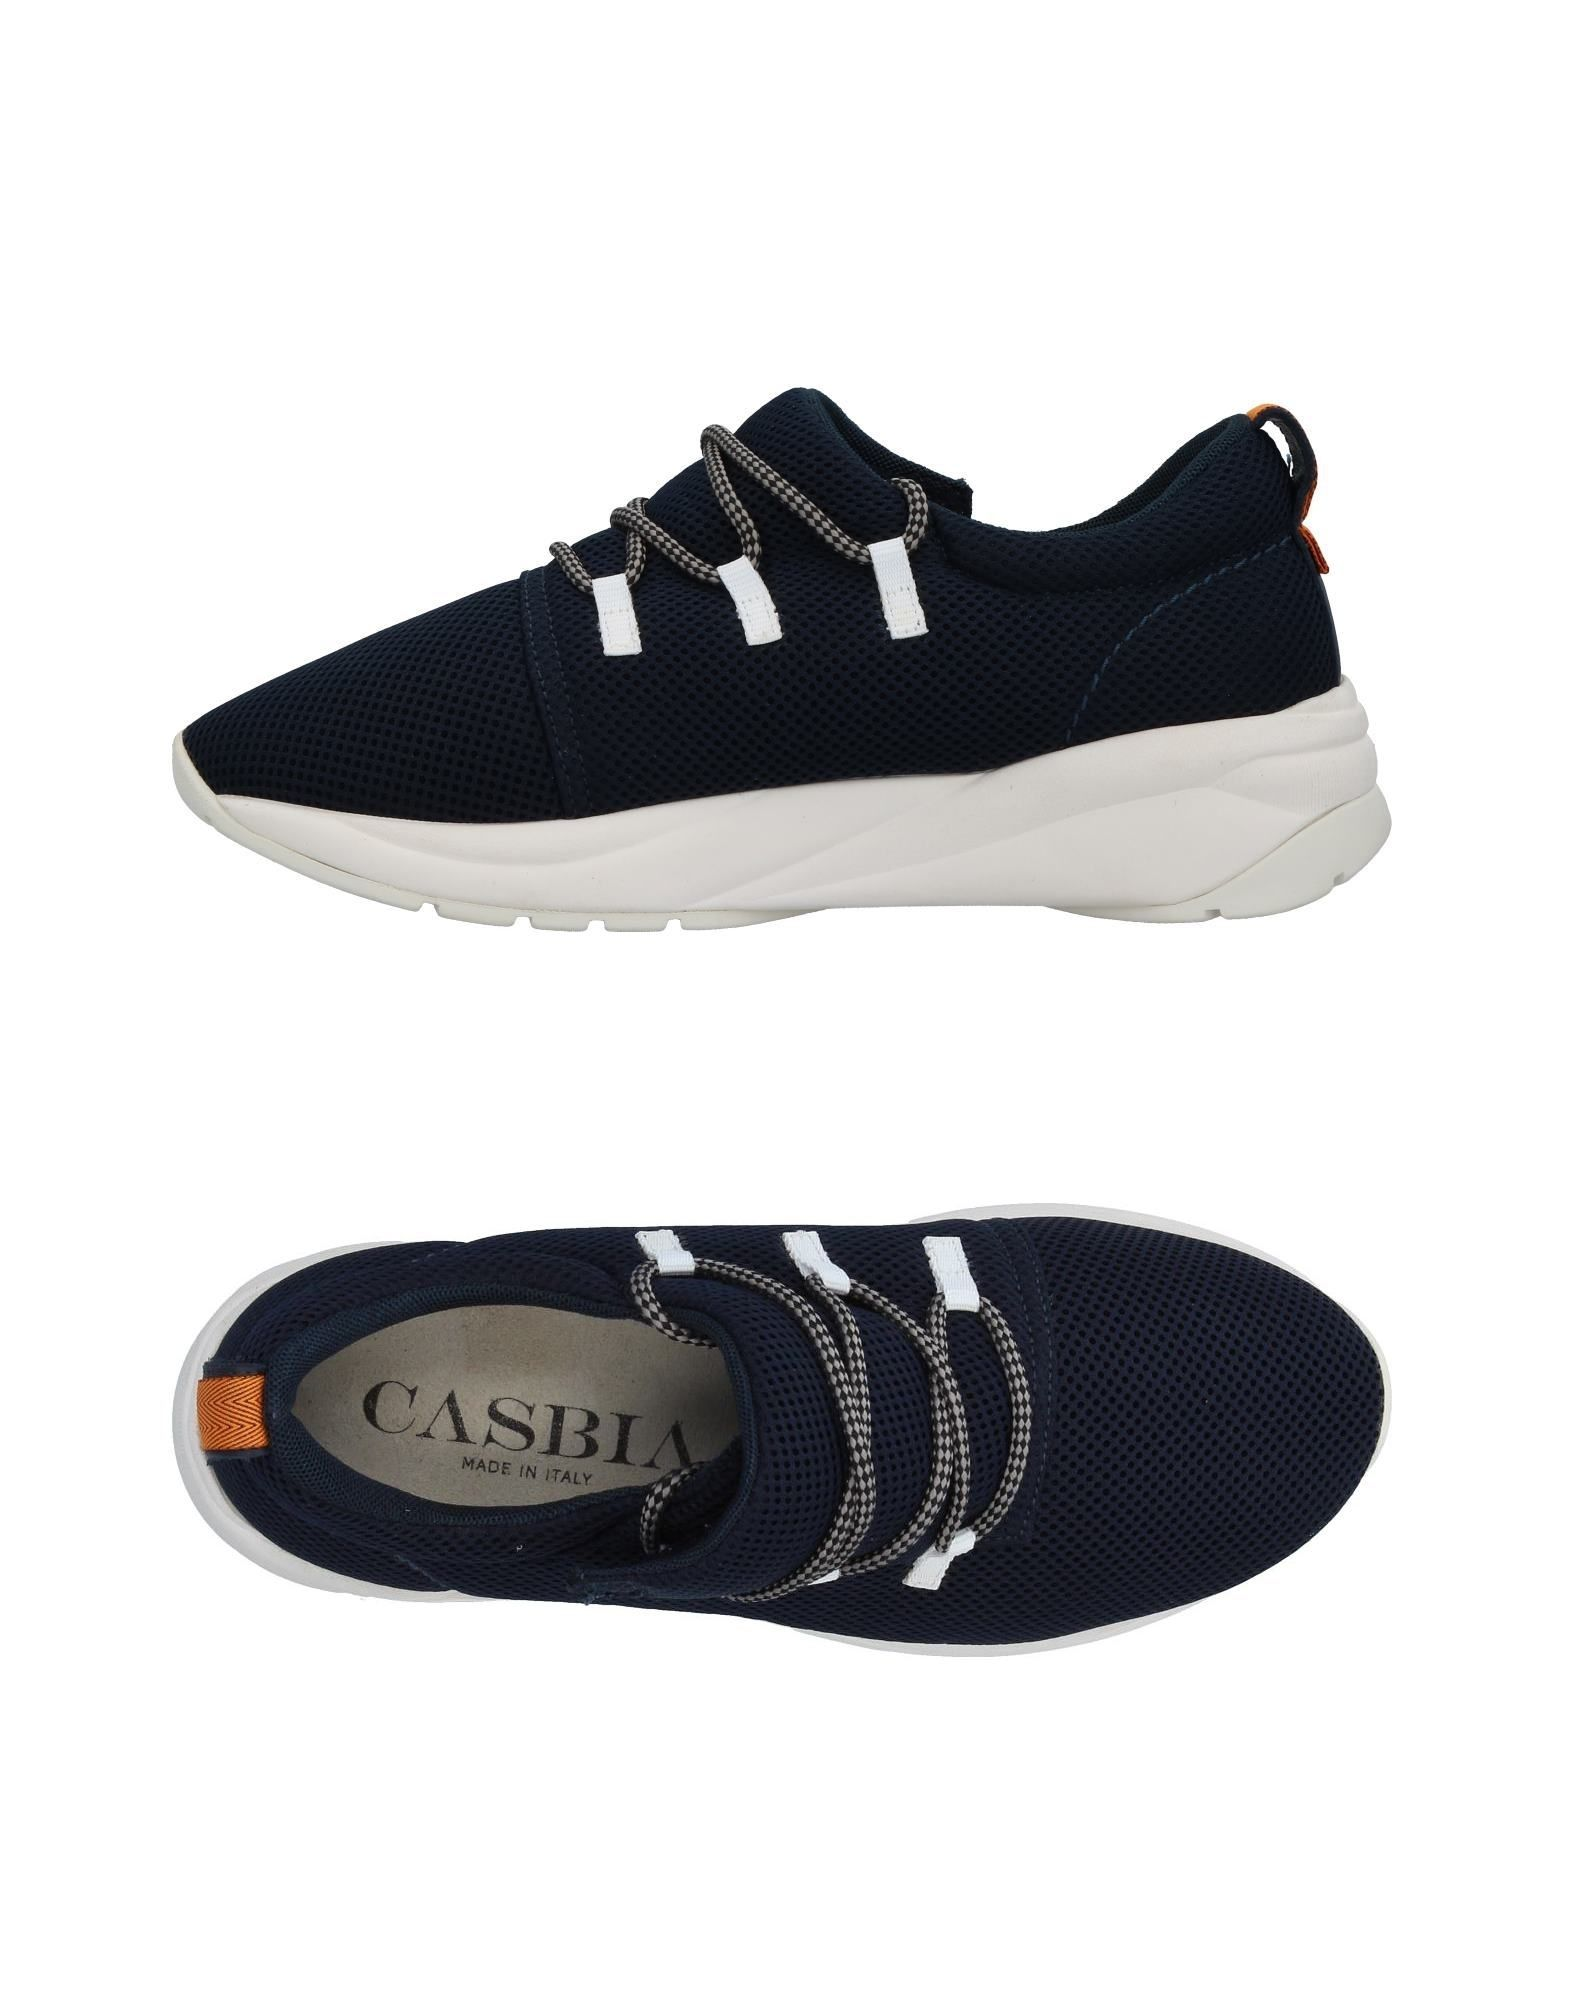 Casbia Sneakers Herren  11368547OC Heiße Schuhe